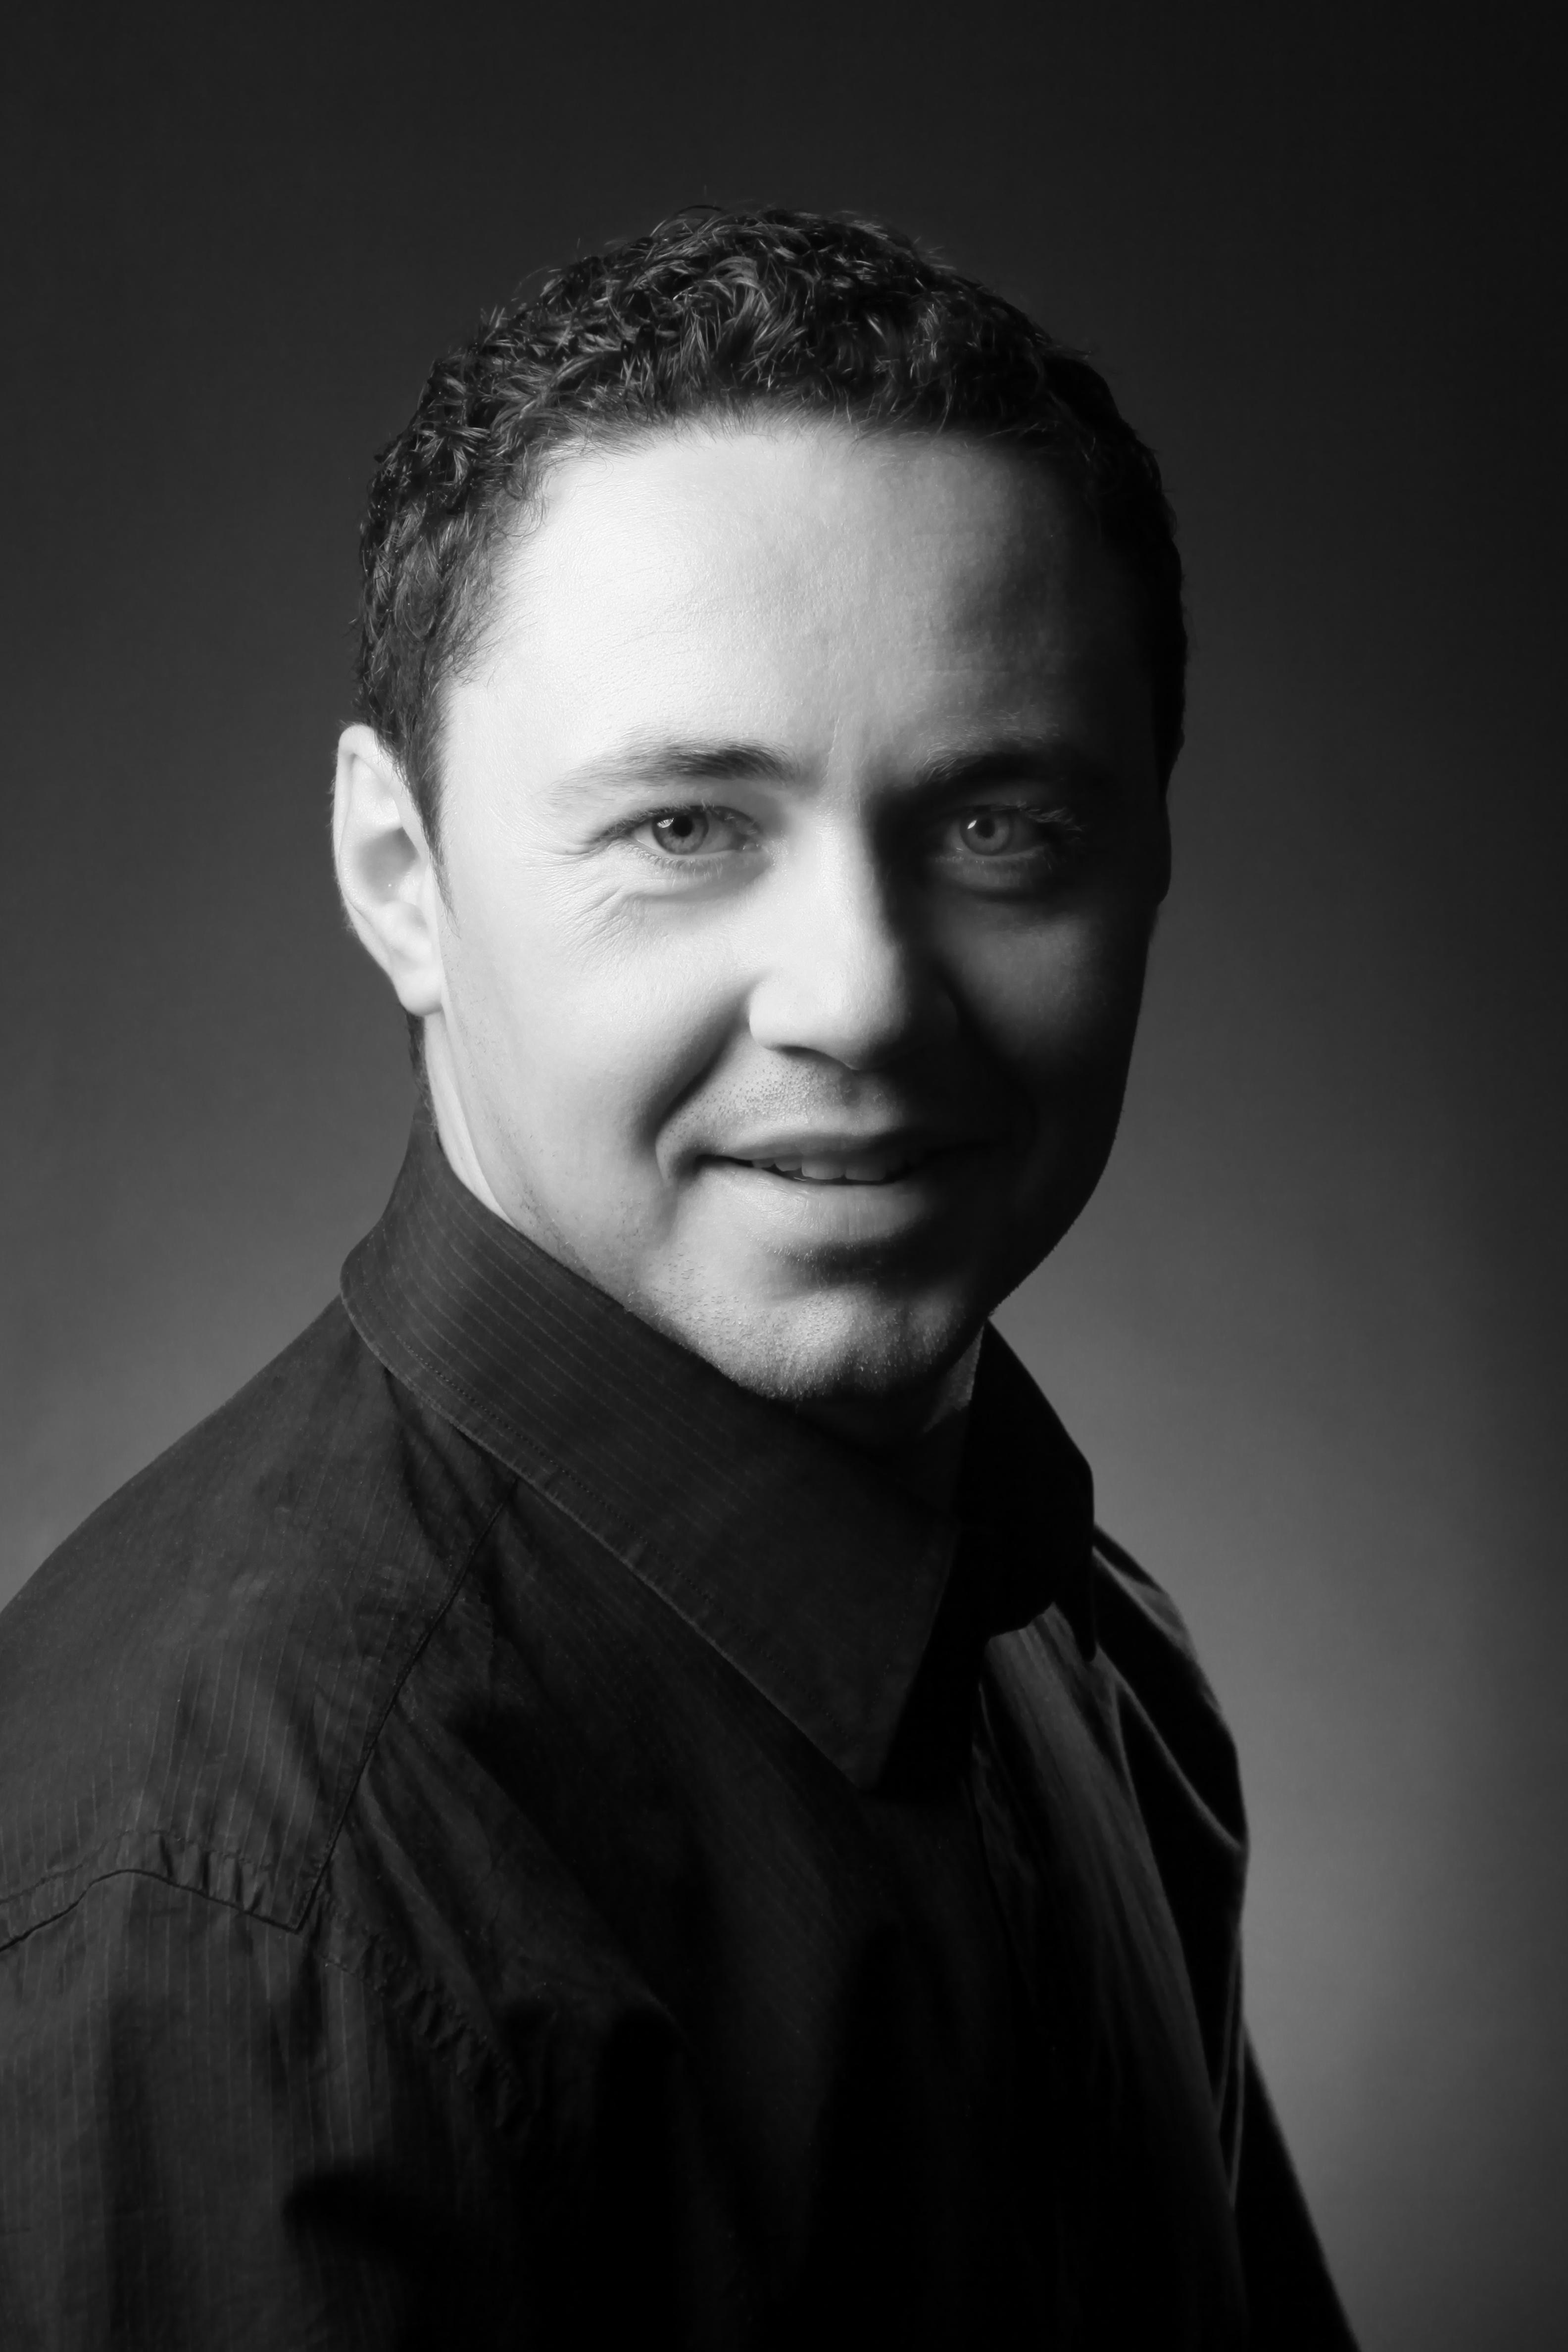 Paweł Matracki Został Mistrzem świata 2014 We Fryzjerstwie